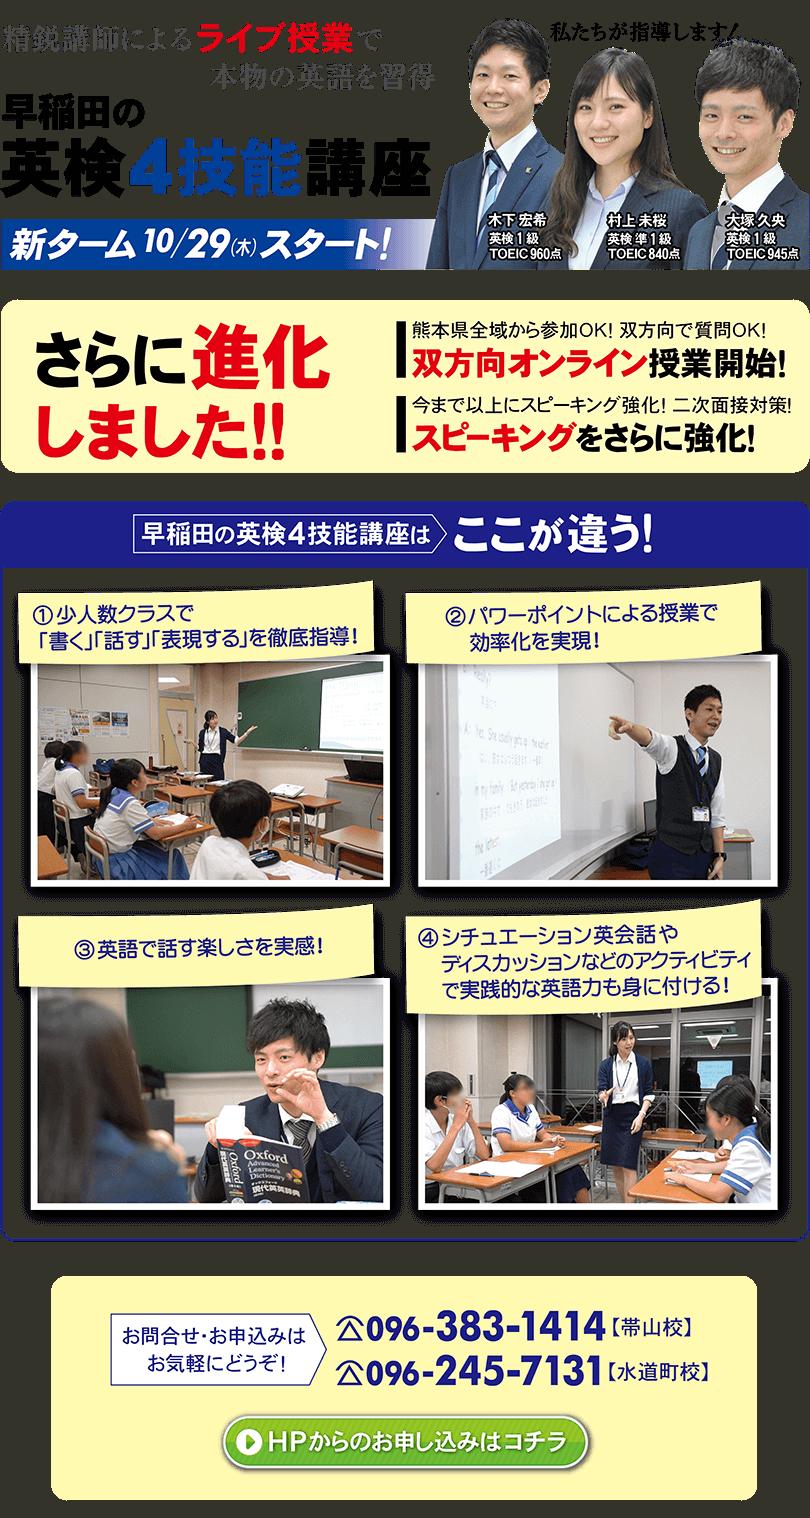 早稲田の英検4技能講座-ここが違う!